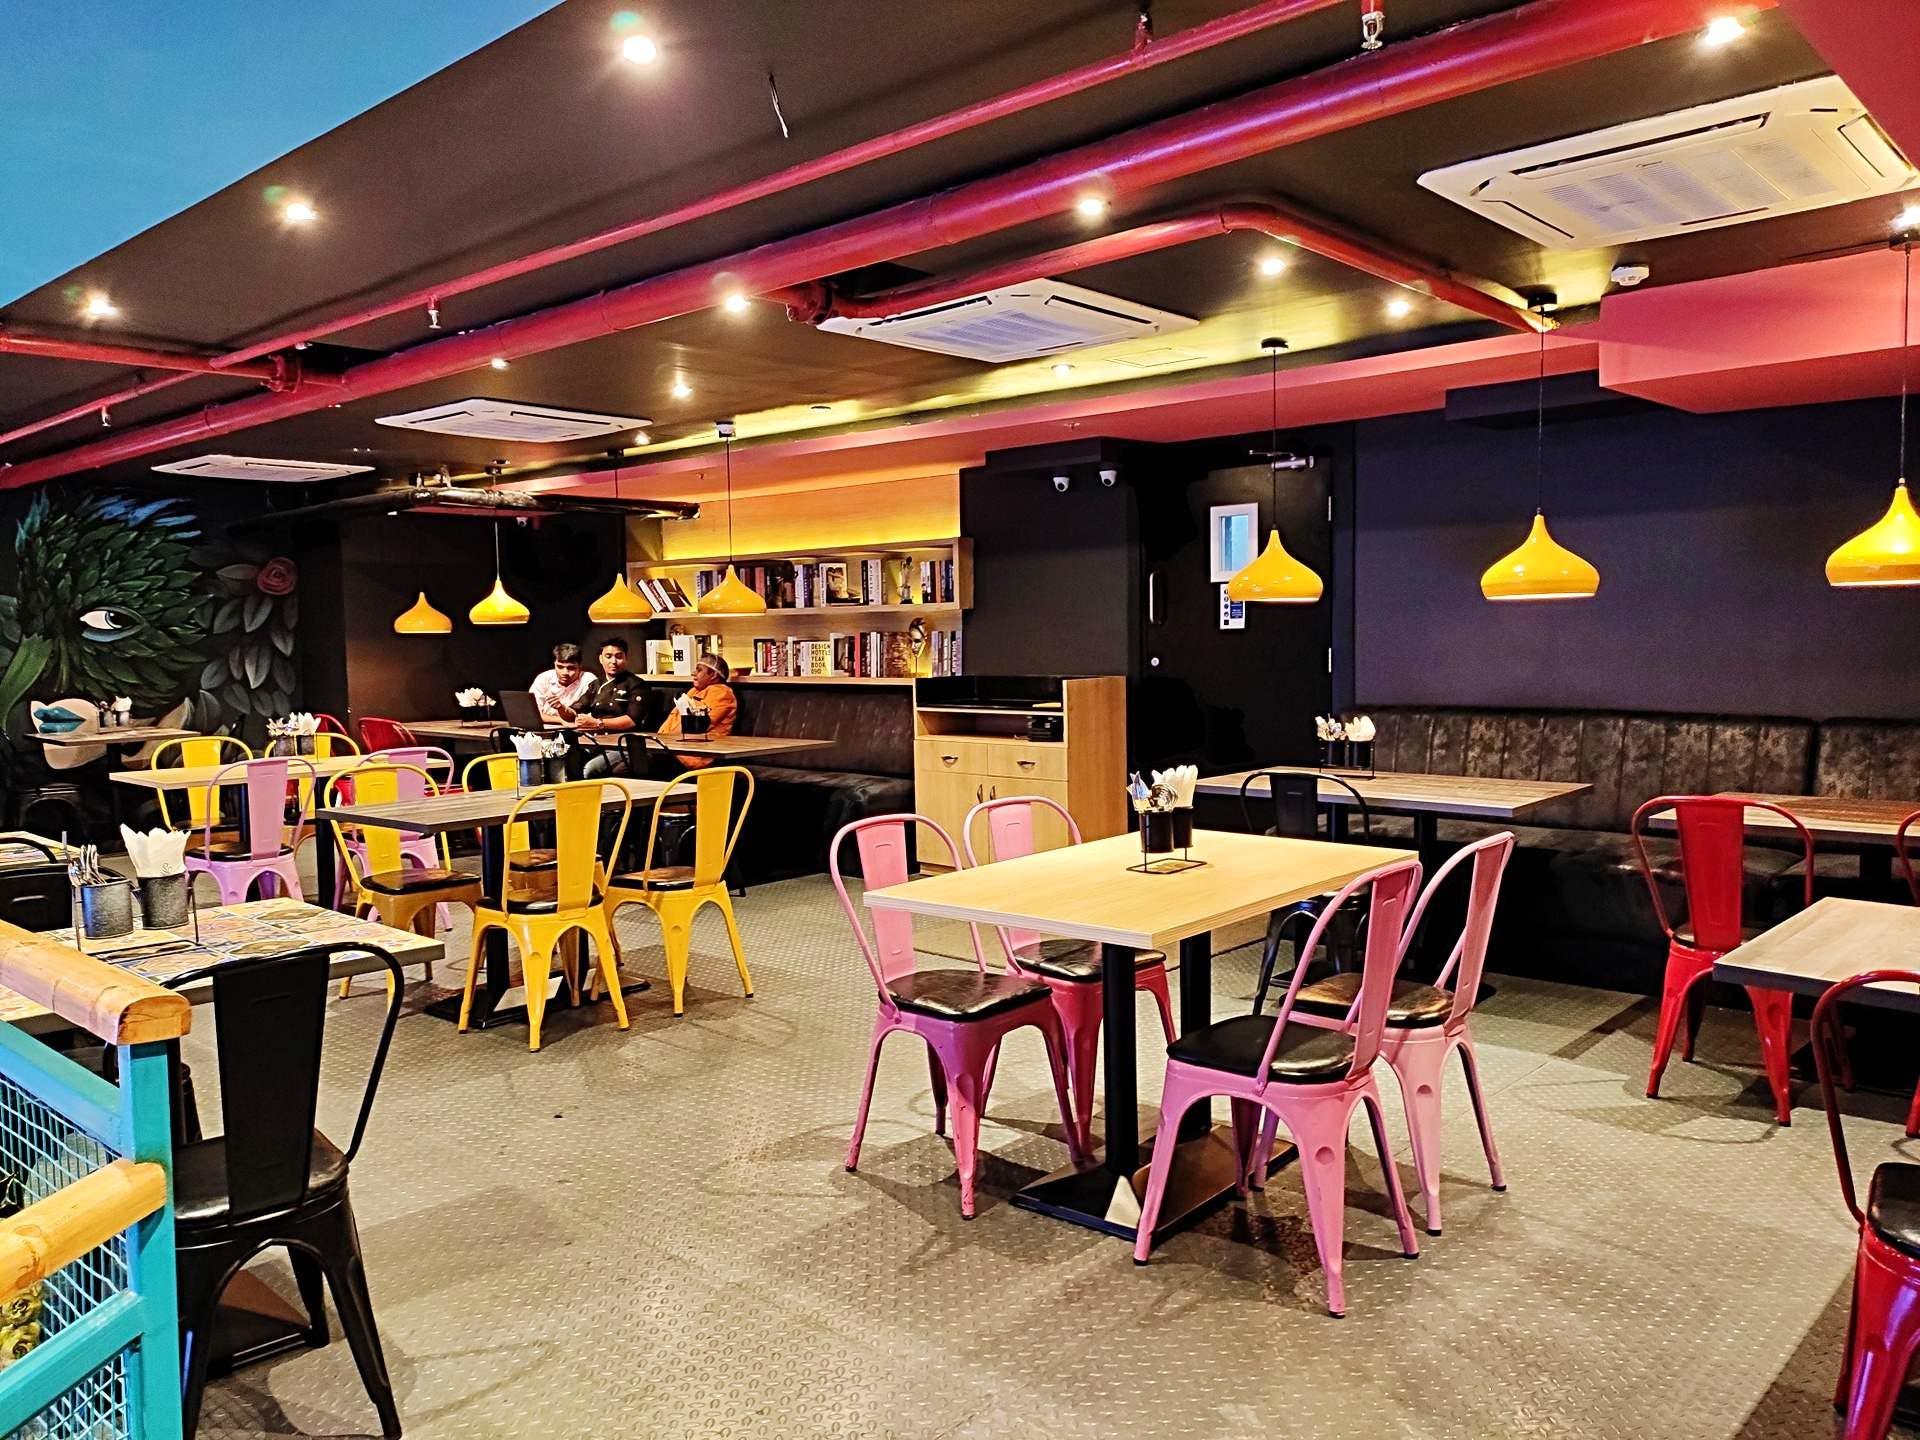 Restaurant,Fast food restaurant,Building,Room,Interior design,Table,Café,Diner,Cafeteria,Food court